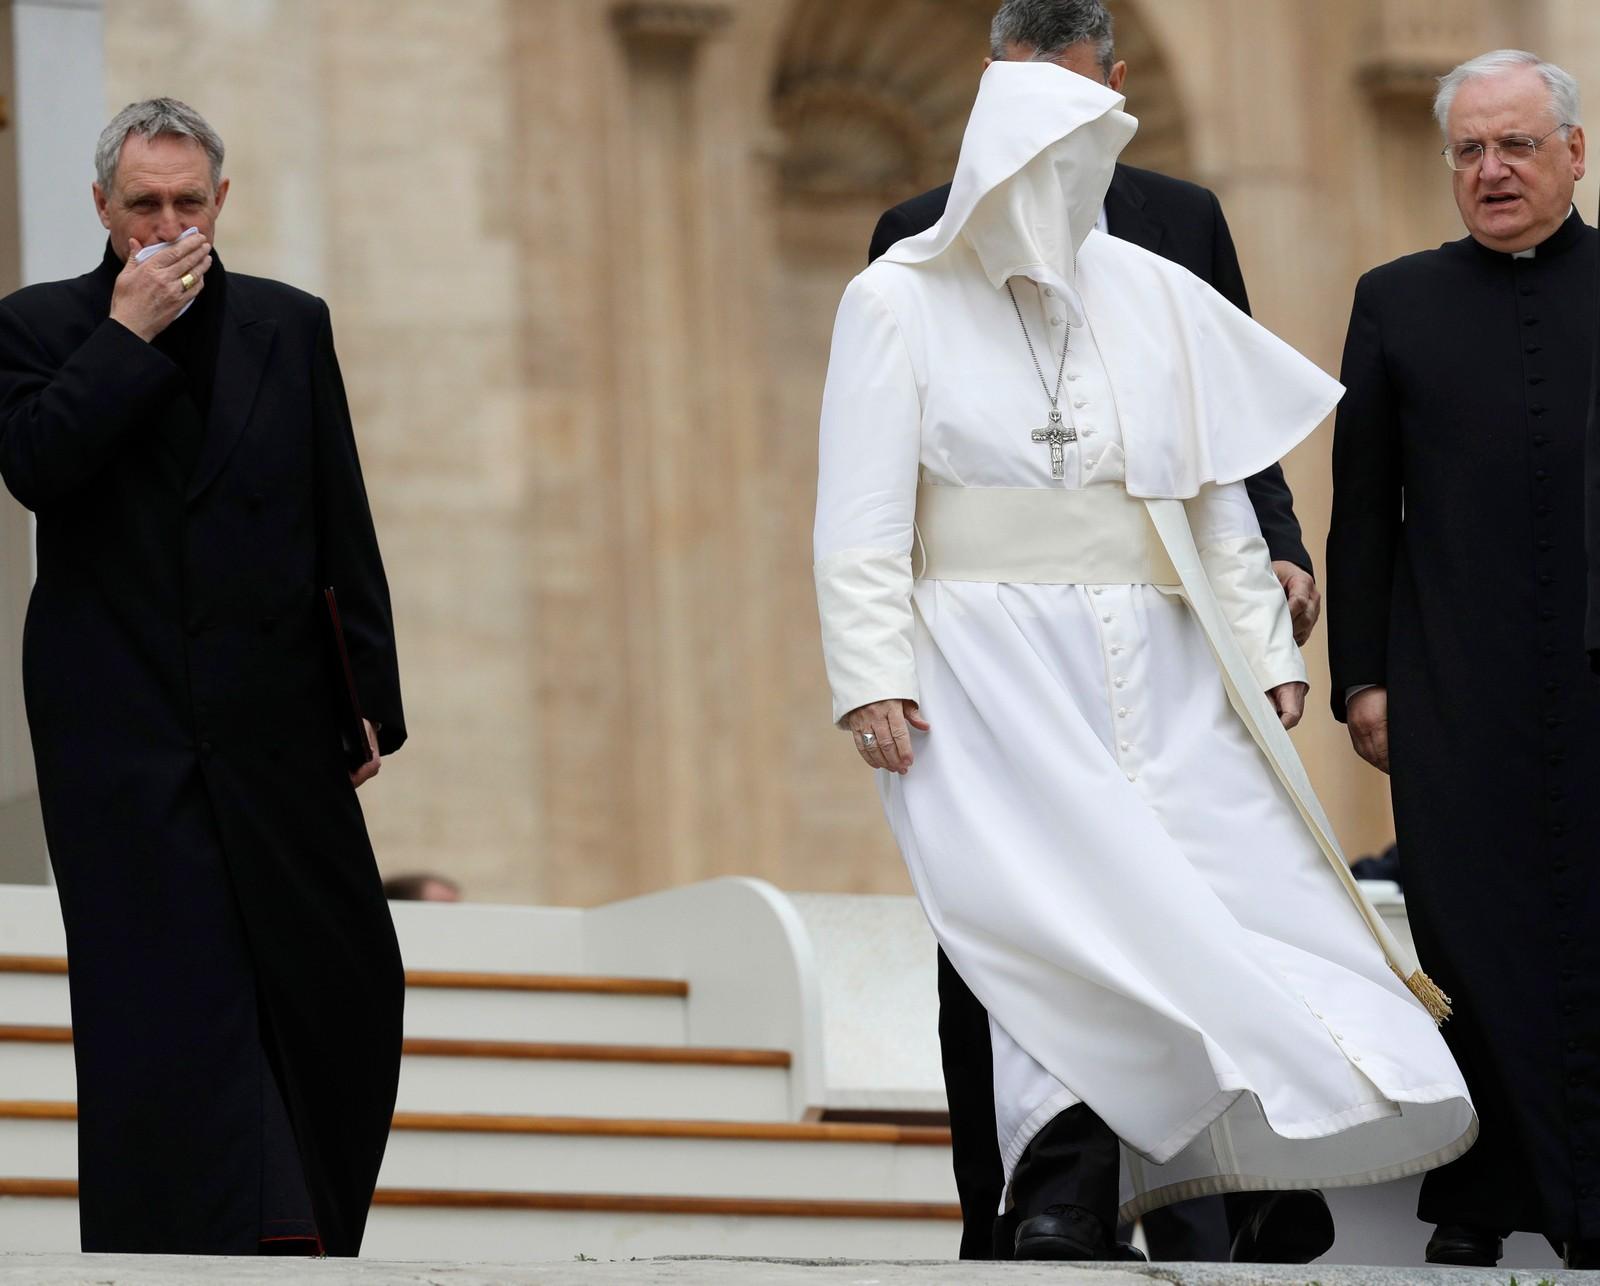 Pave Frans får hjelp av vinden til å bære den hvite drakten på en ny og spennende måte i Vatikanstaten.